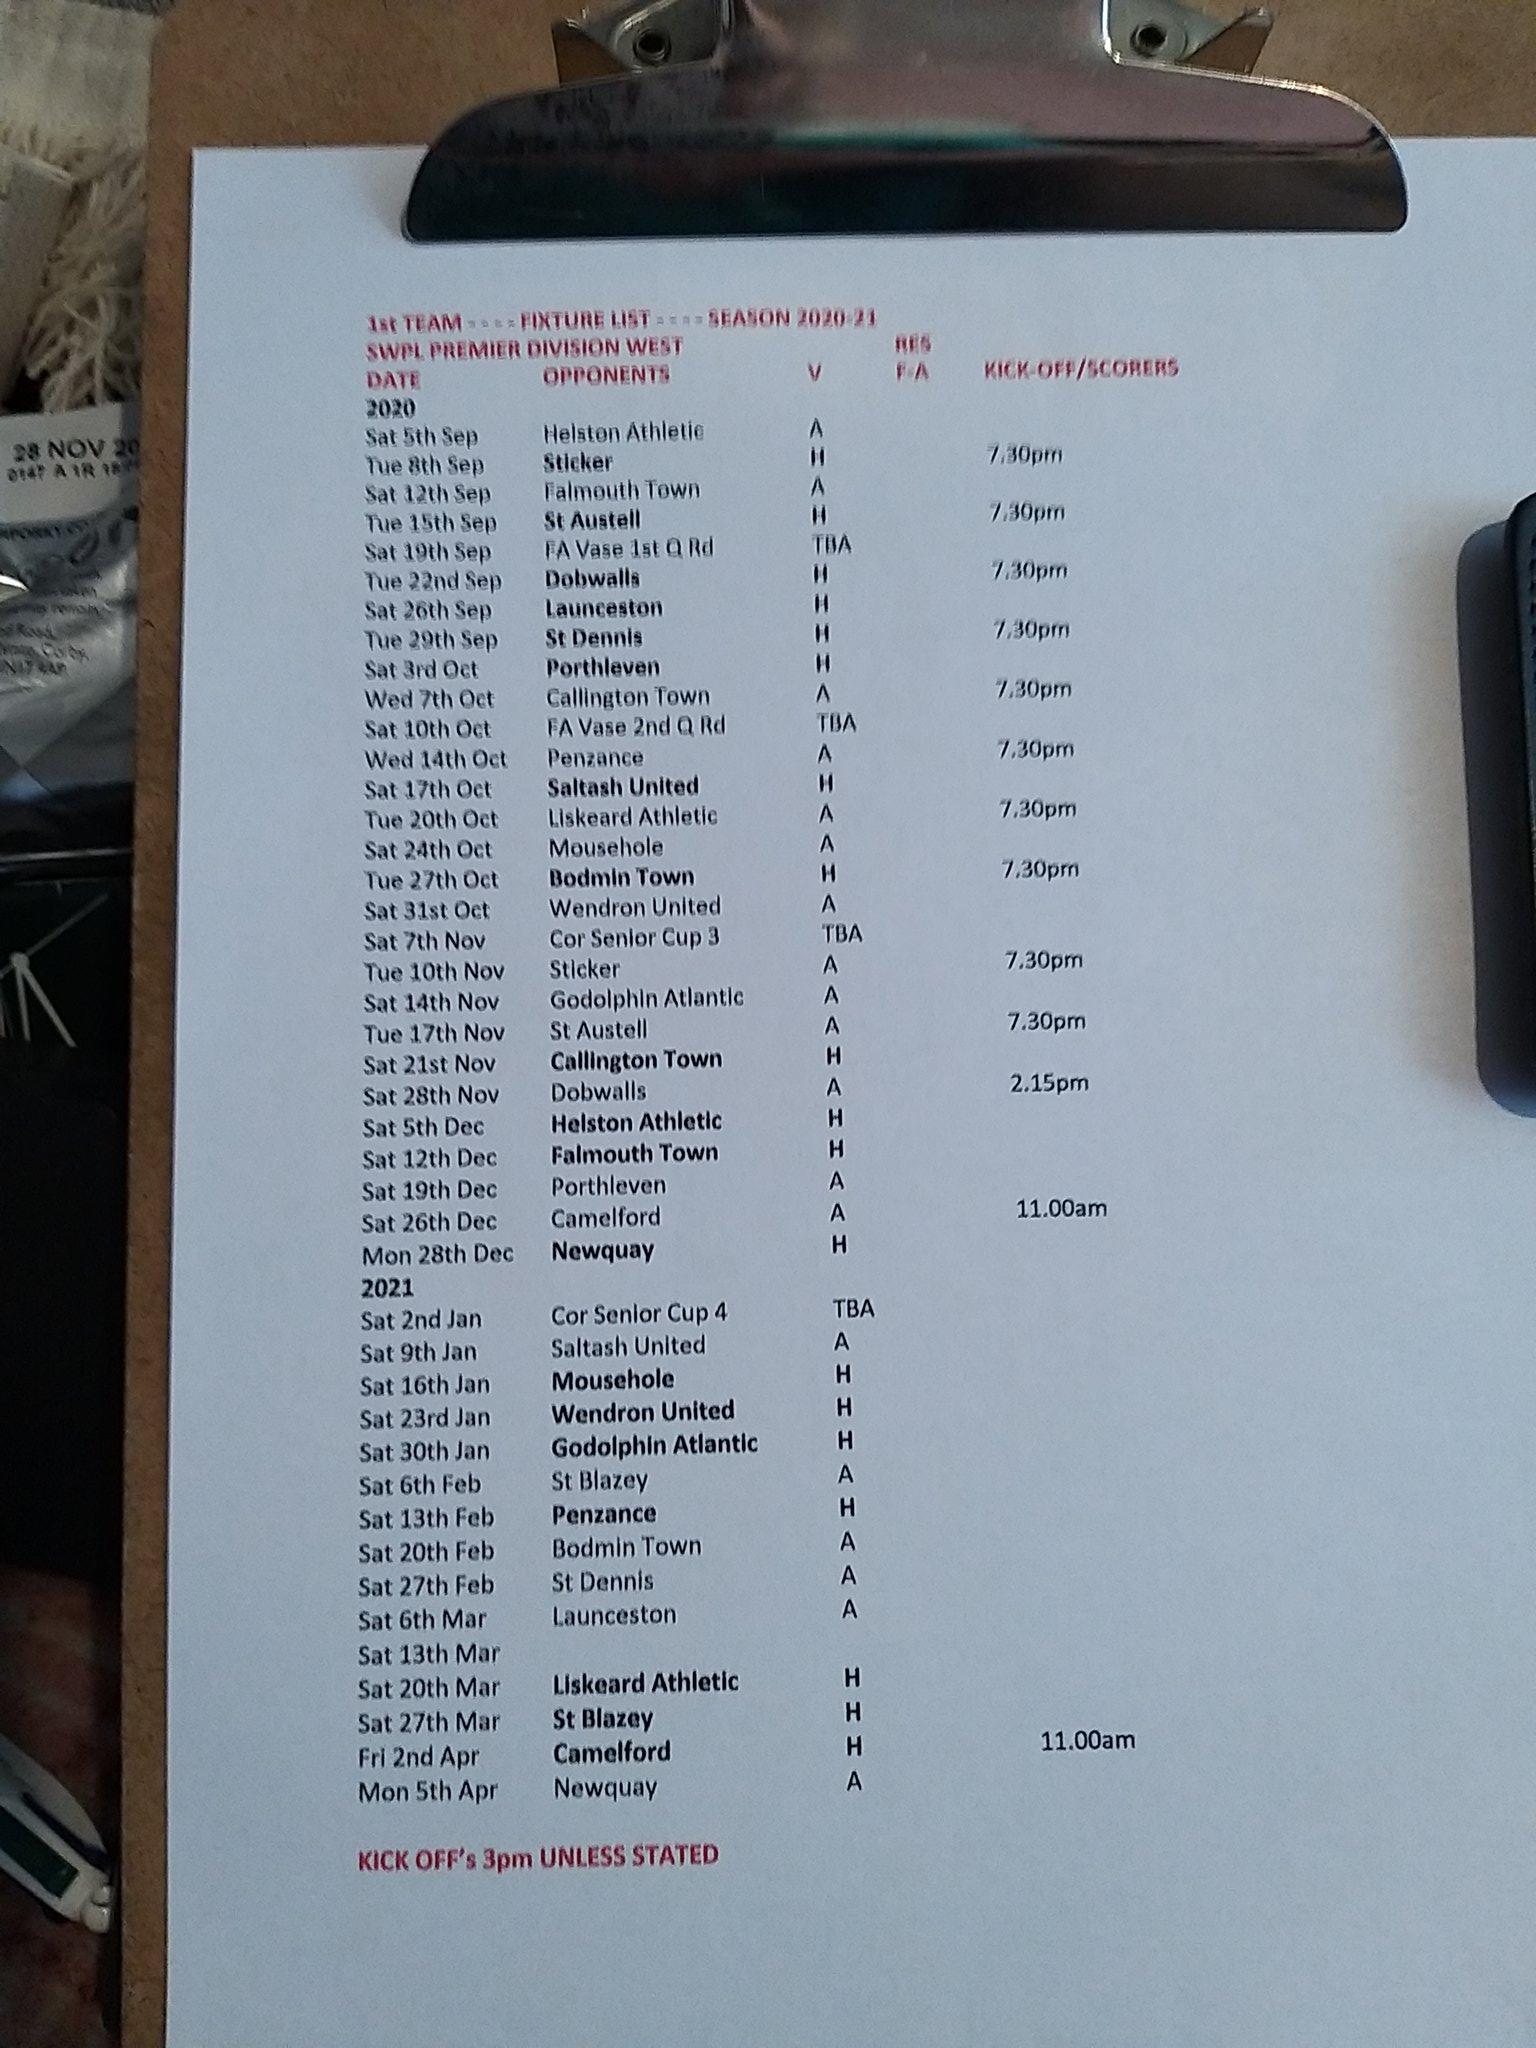 SWPL Premier Division West - Fixtures for 20/21